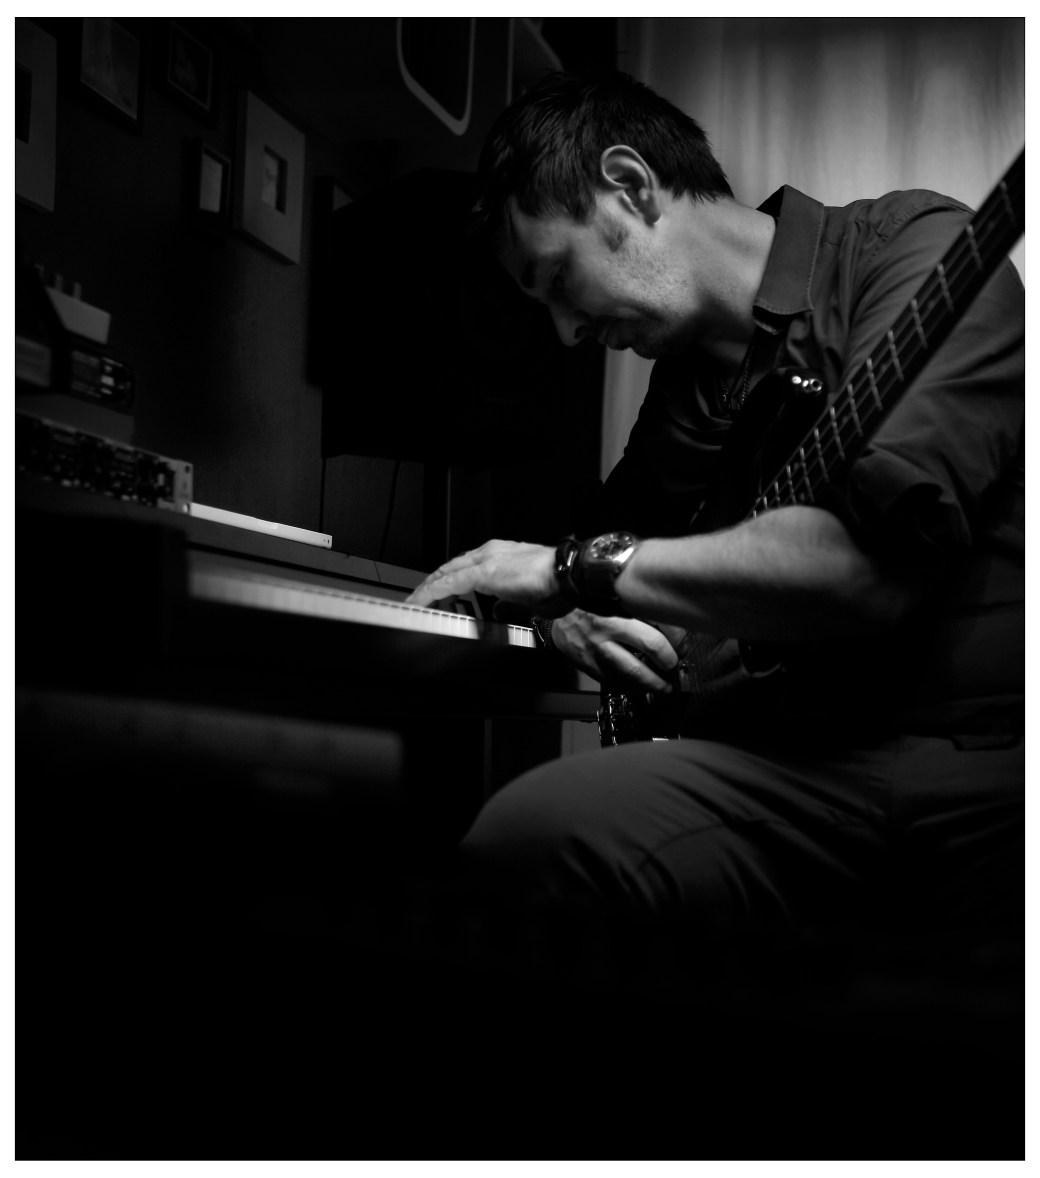 Der Hamburger Musiker David Alleckna bei der Arbeit in seinem Heaven's Club Studio, am Keyboard mit seinem Bass auf den Knien.